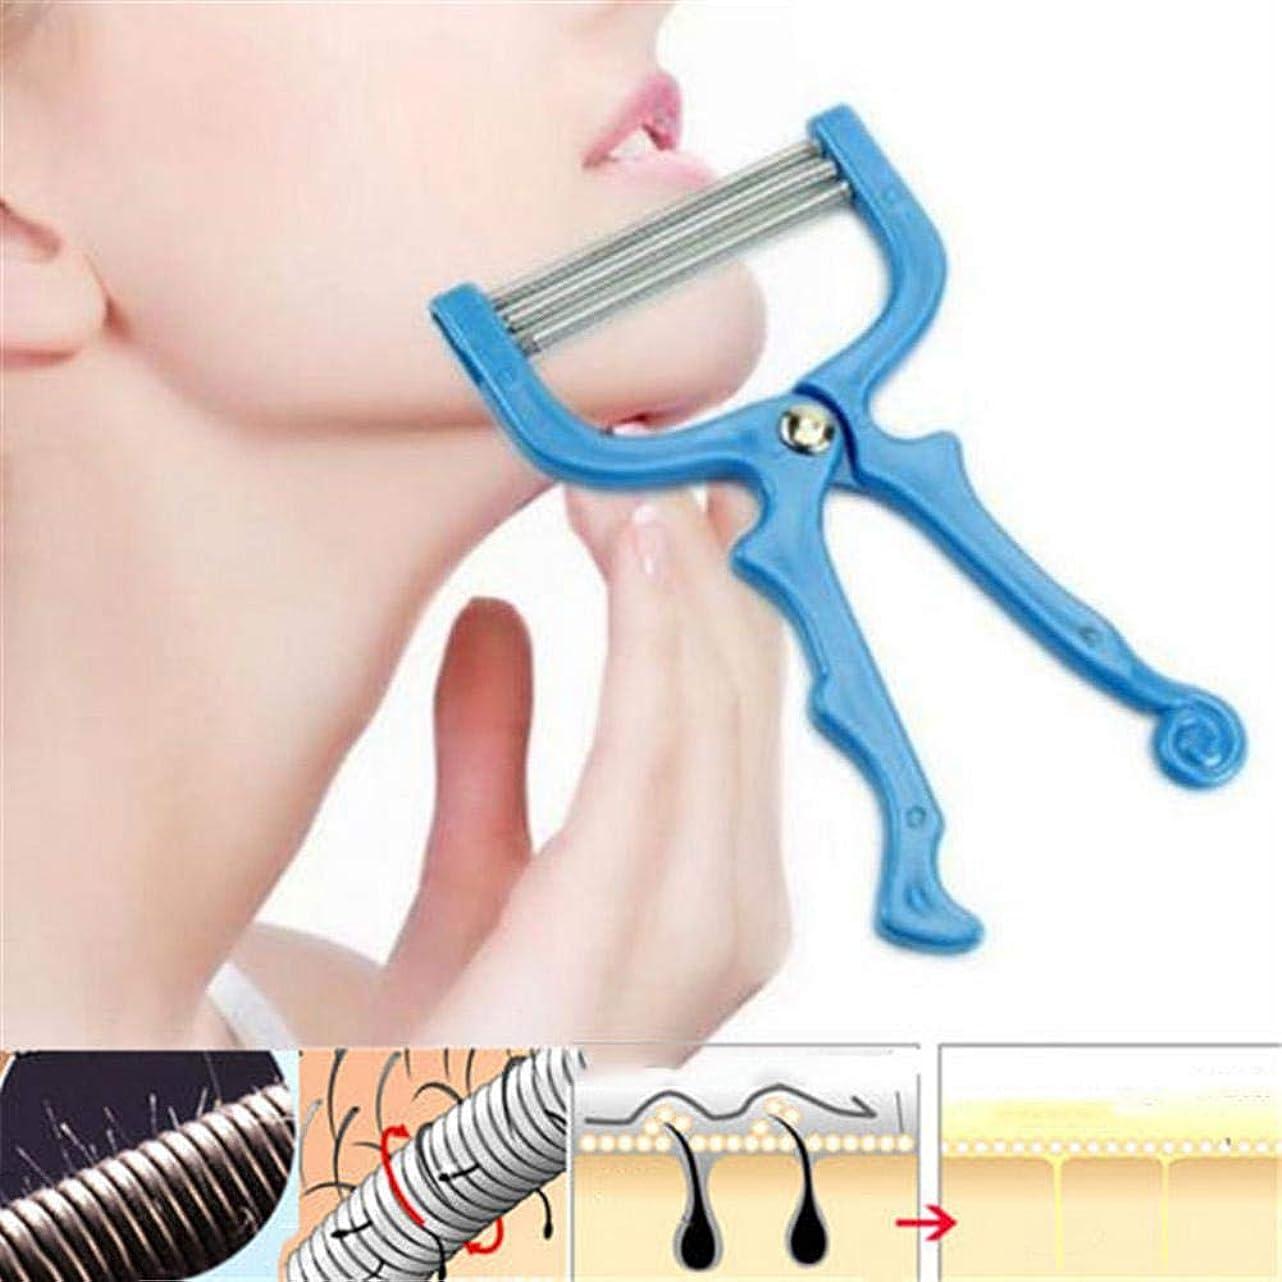 エキゾチック位置する進捗SILUN 手動脱毛器 顔/腕/足/脇/ビキニエリアで使用する リムーバー フェイシャルヘアリムーバースプリングフェイシャルヘアスレーター除毛ツール美容ツール